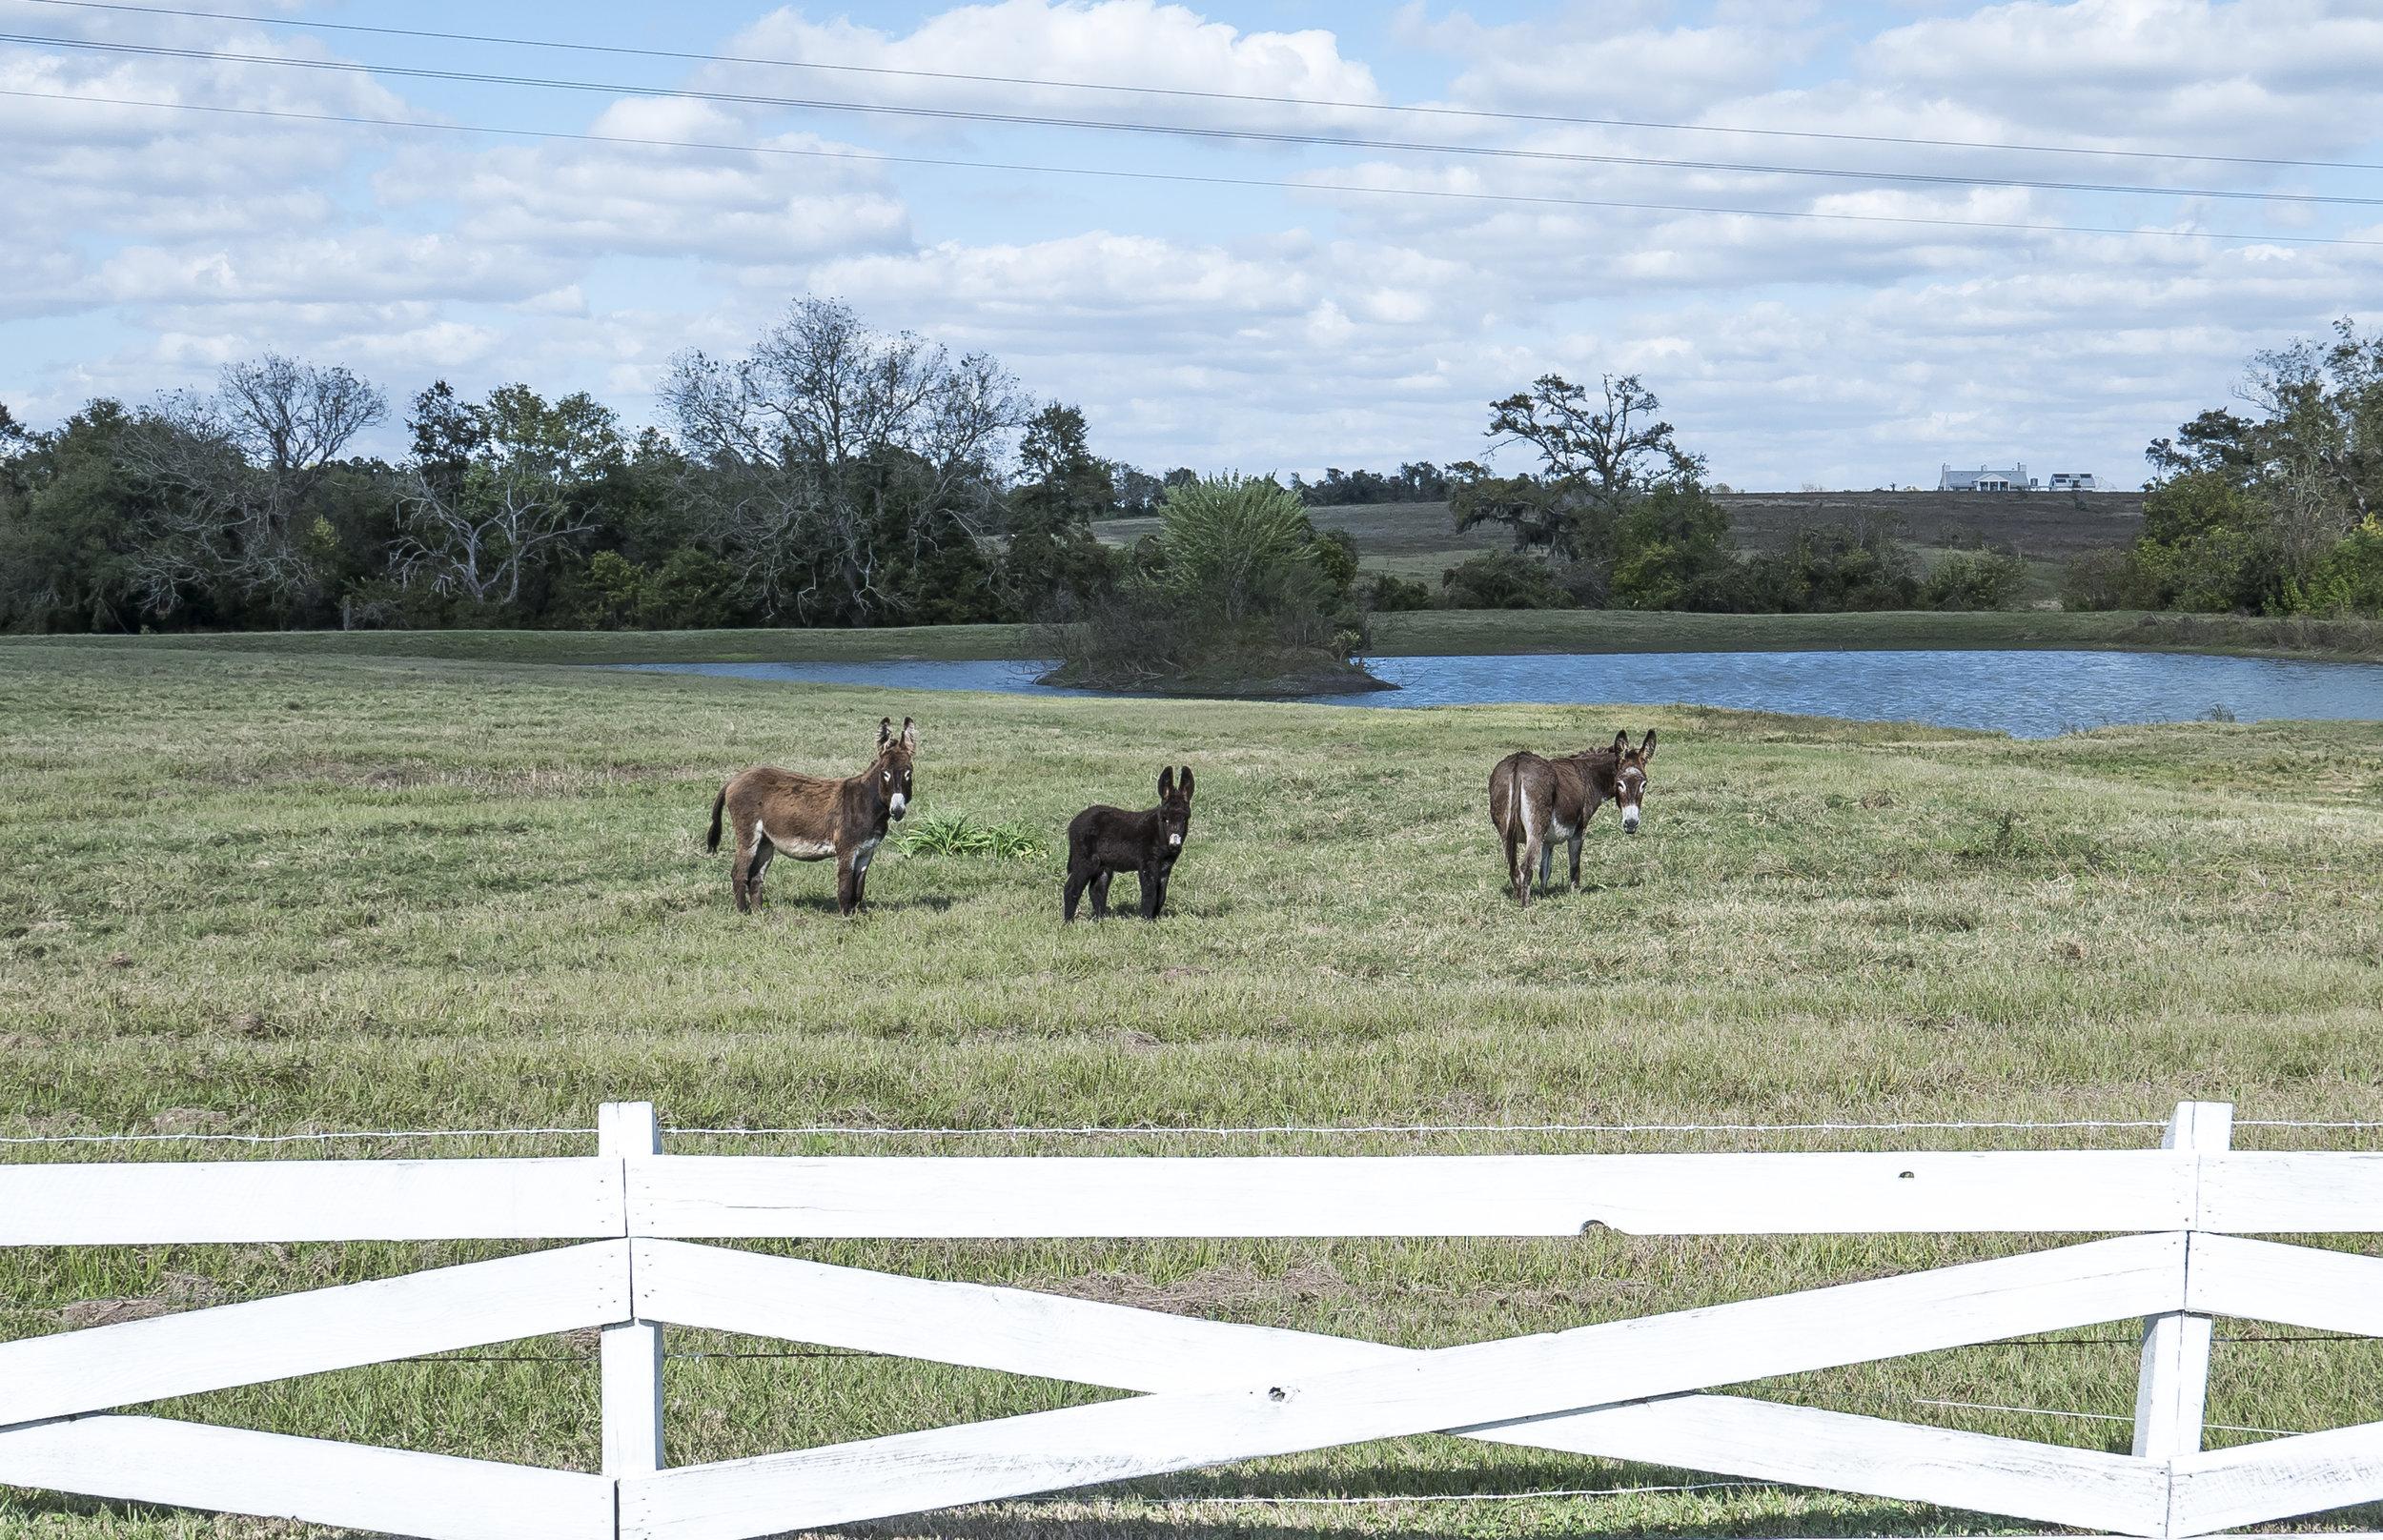 JWP_Texas-1050177.jpg